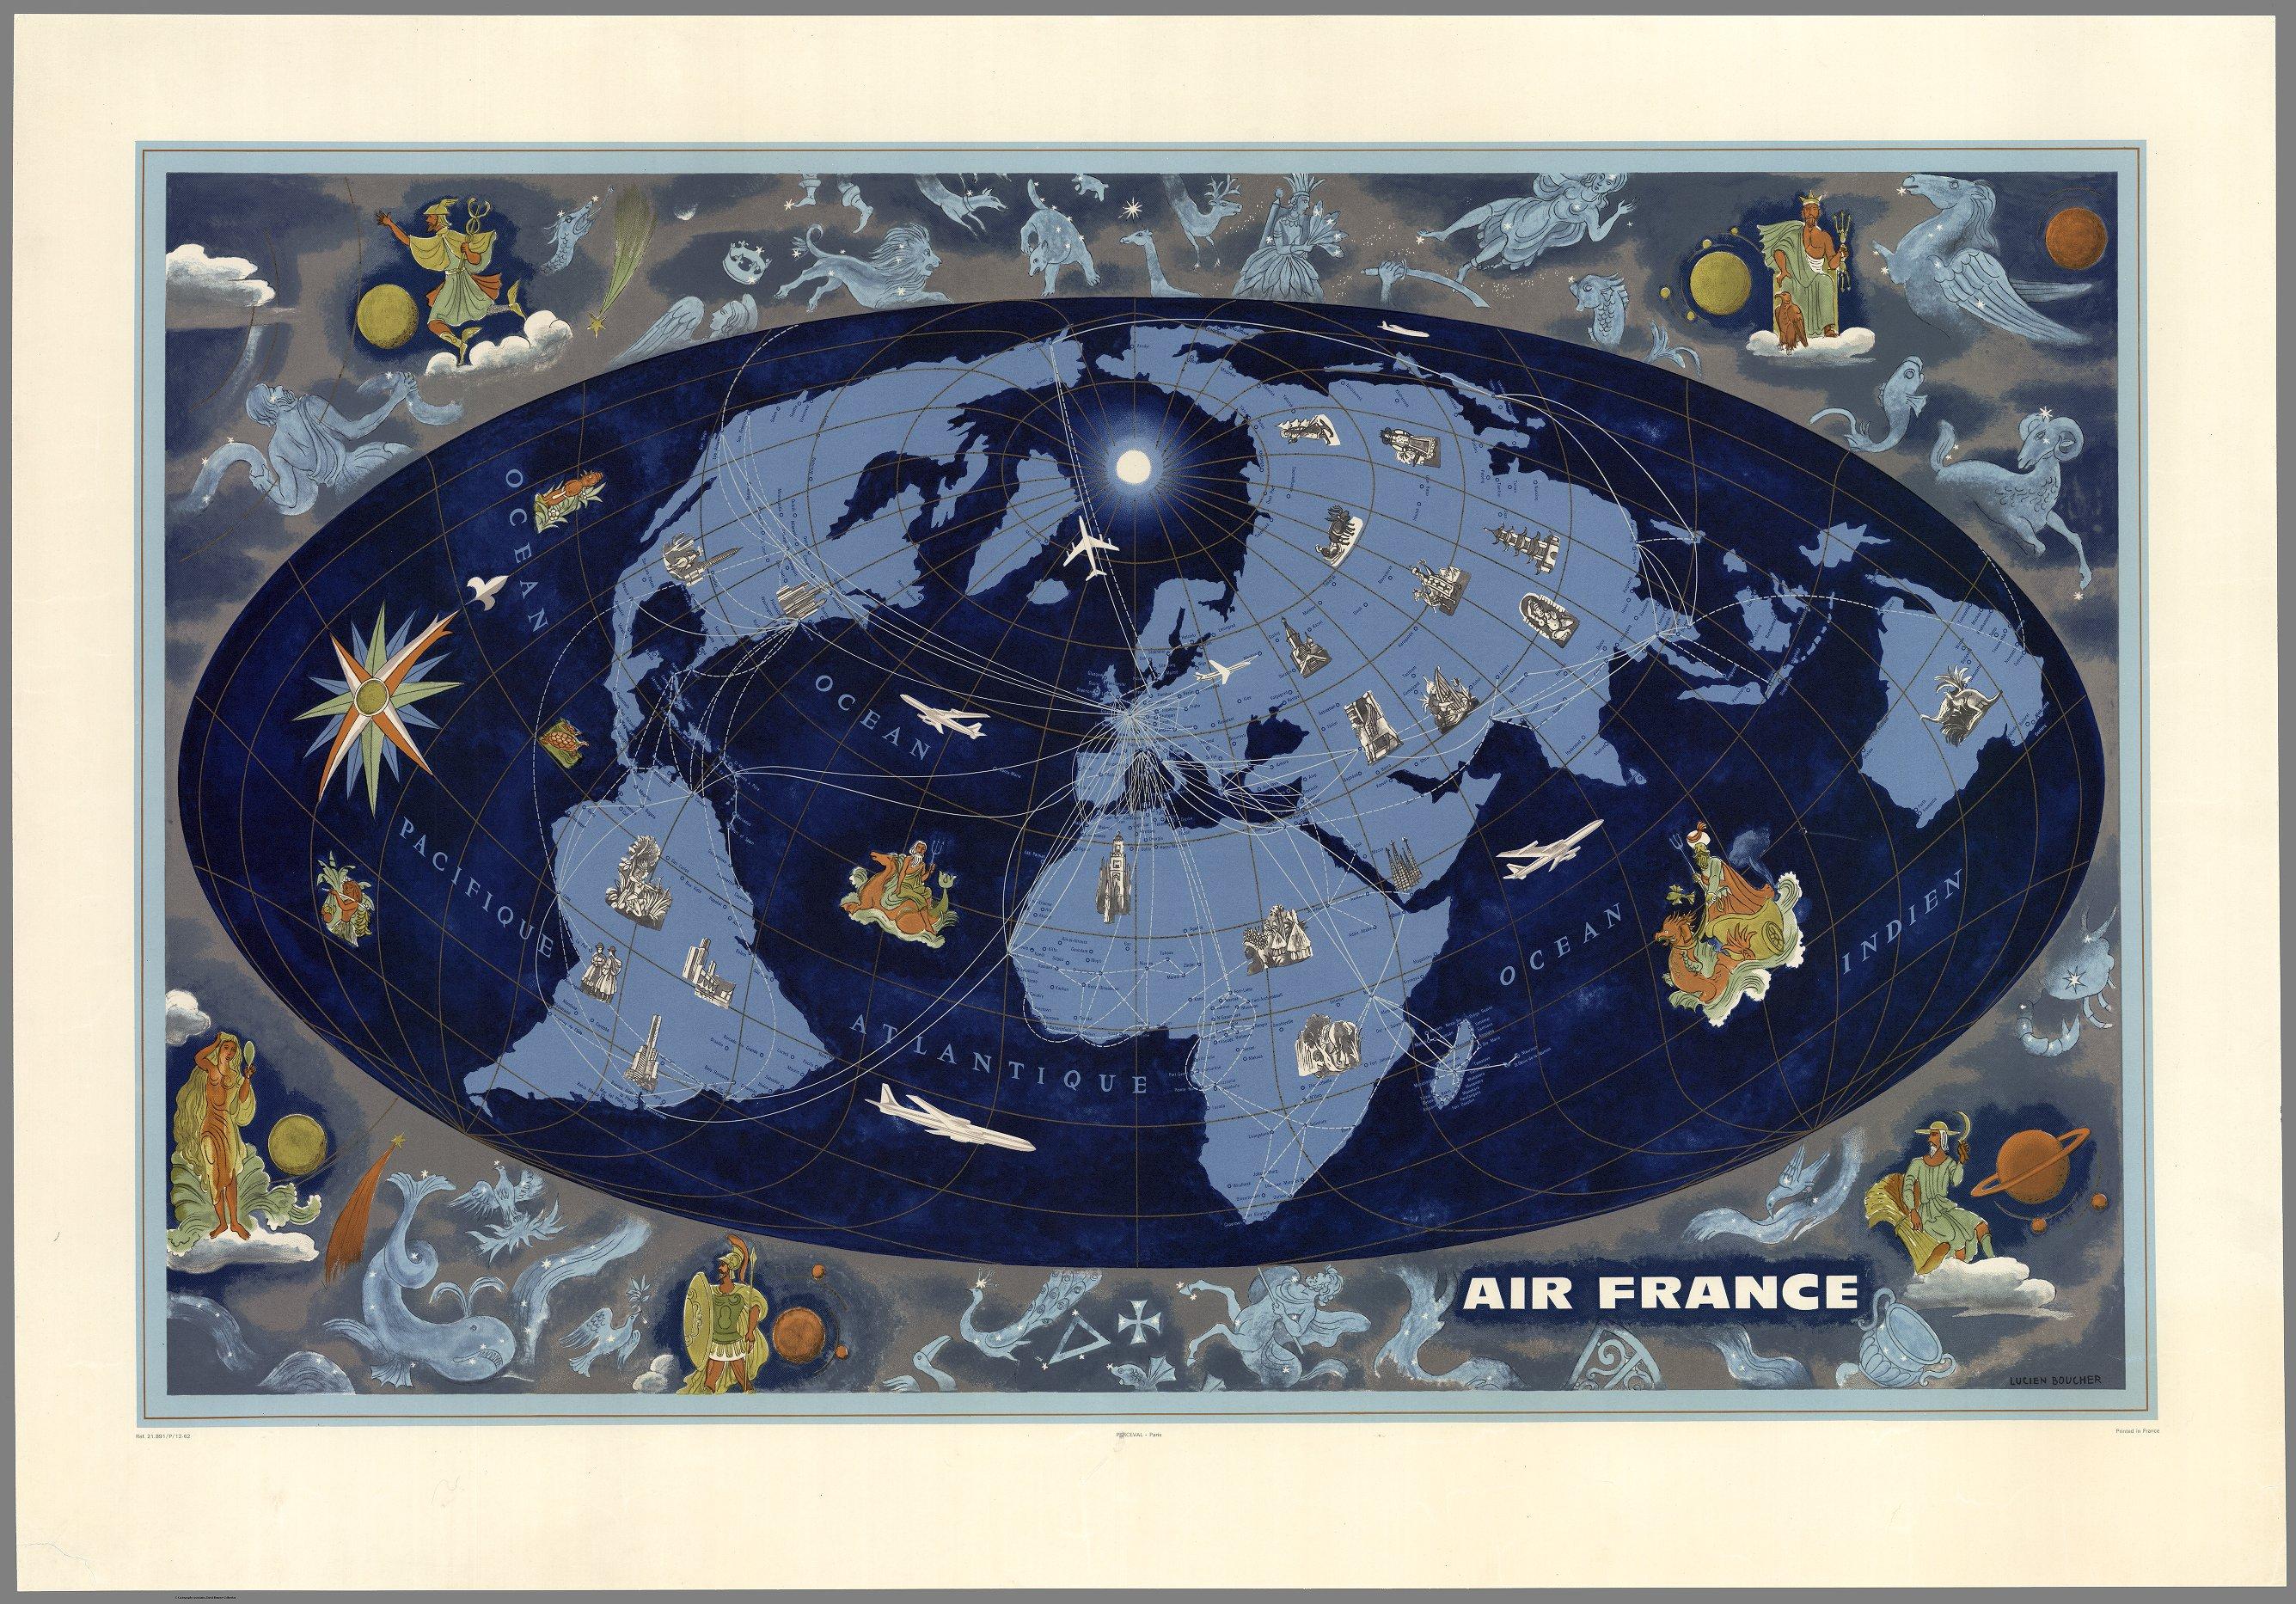 Air France, Lucien Boucher, 1962